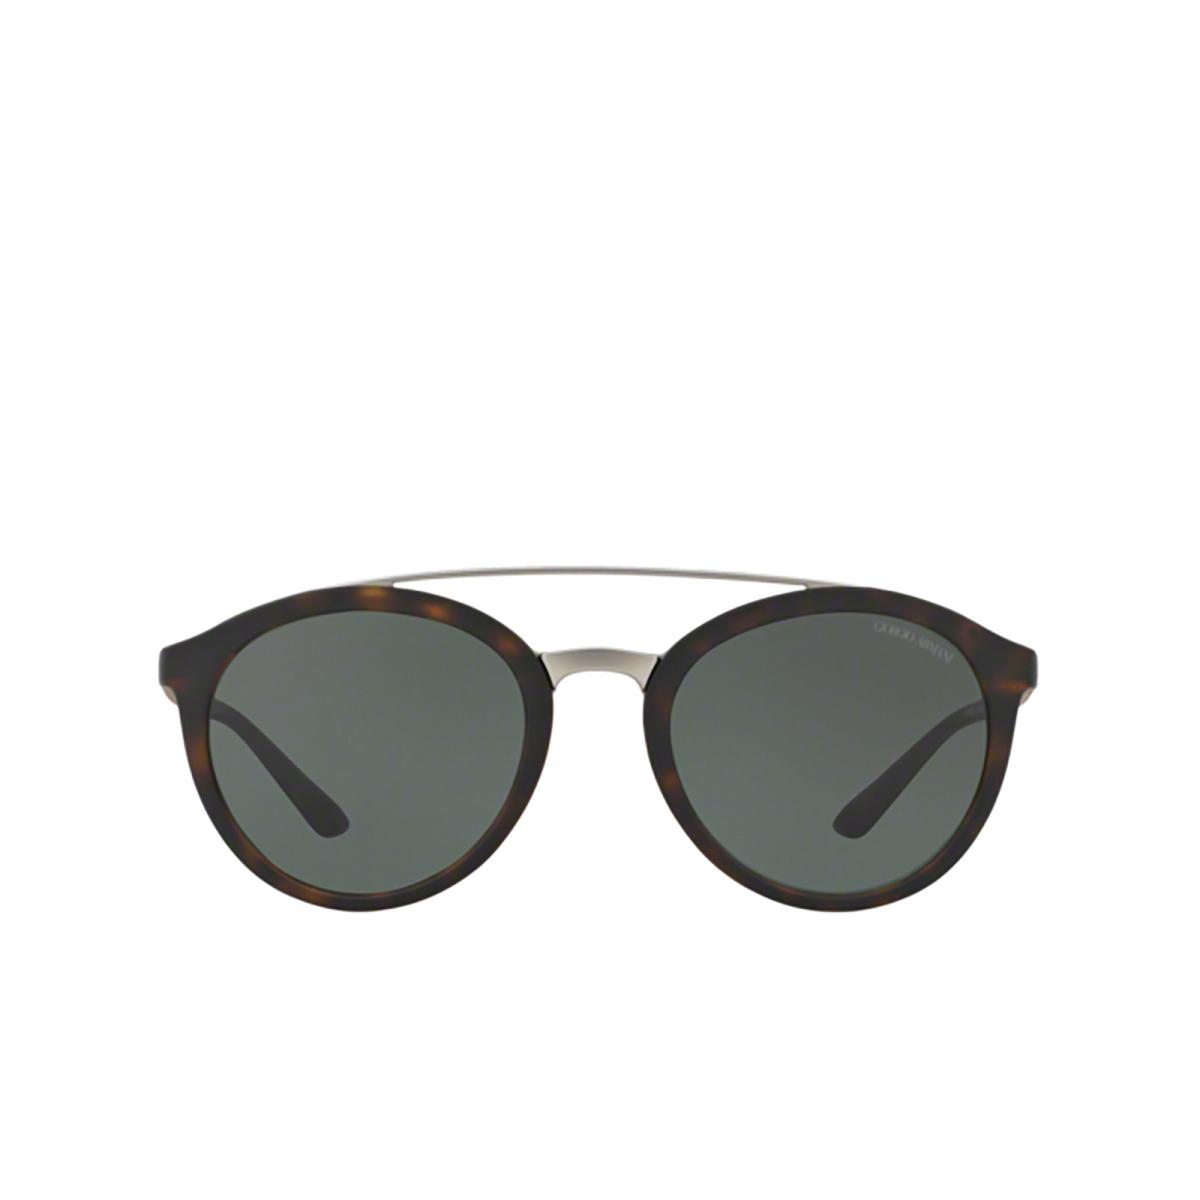 Giorgio Armani® Round Sunglasses: AR8083 color Matte Dark Havana 508971 - front view.